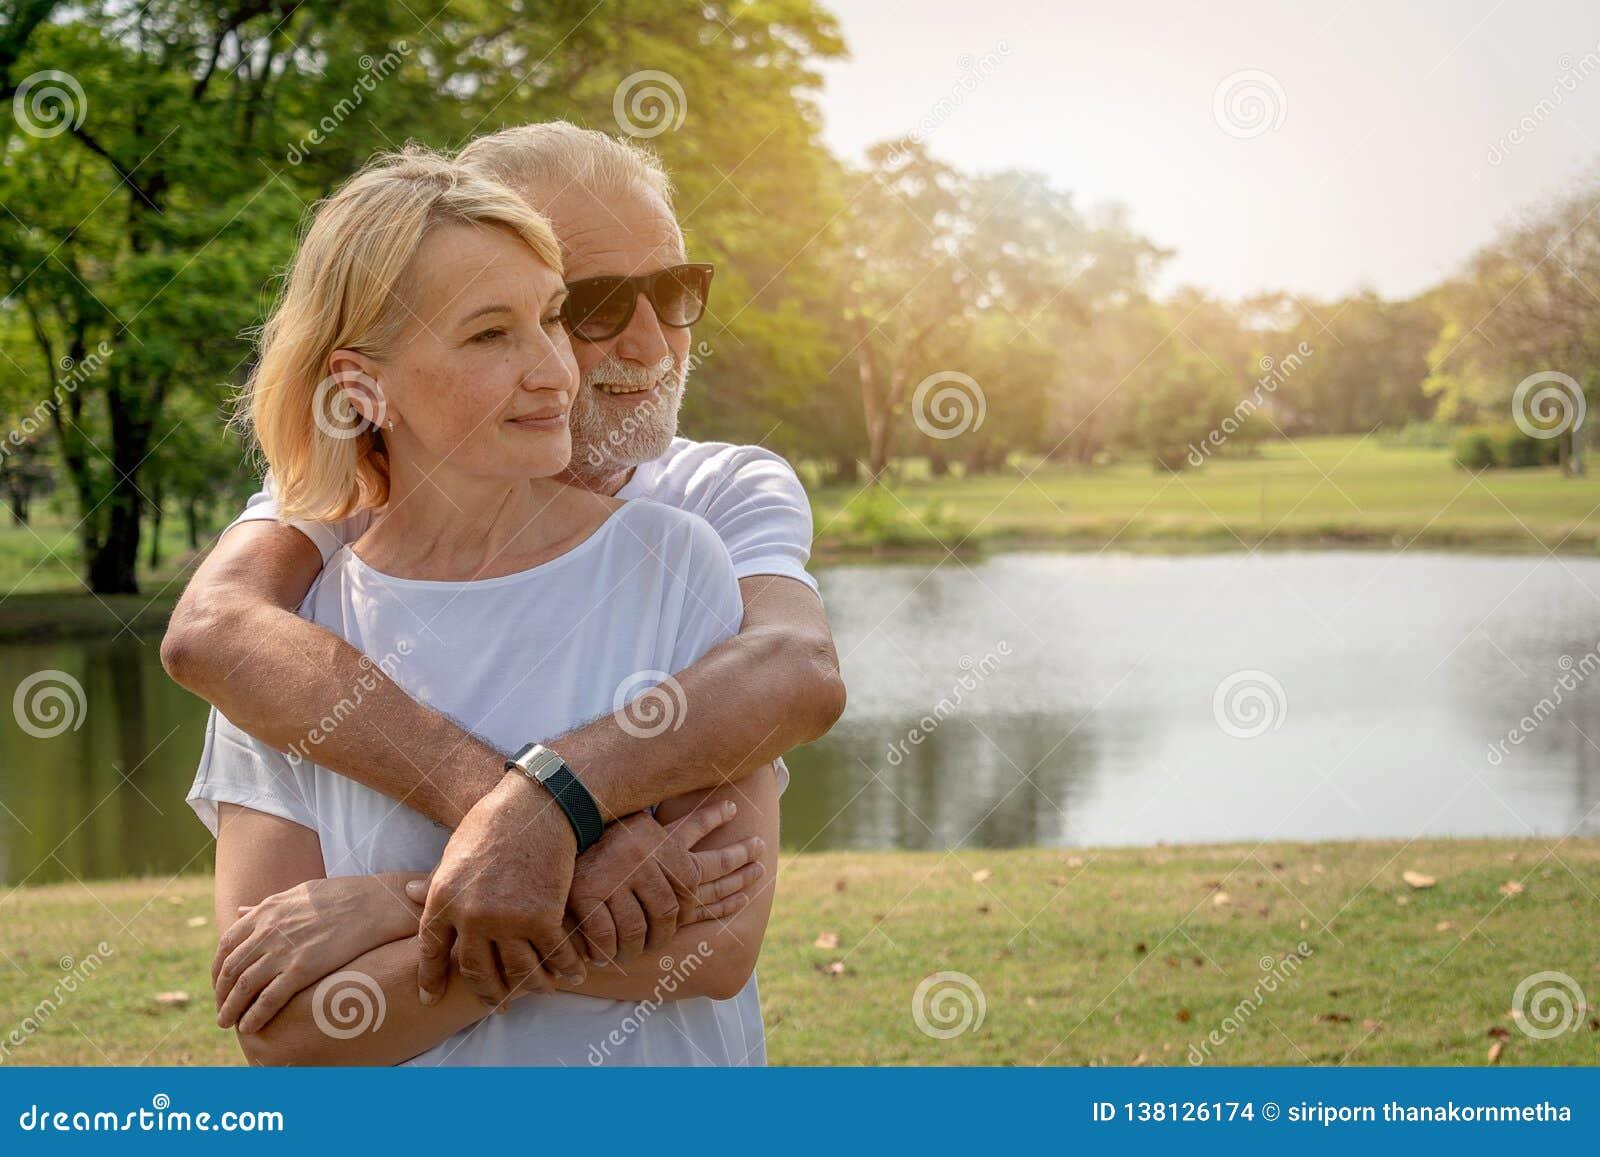 Starsze starsze osoby dobierają się cuddle w parku w lato czasie